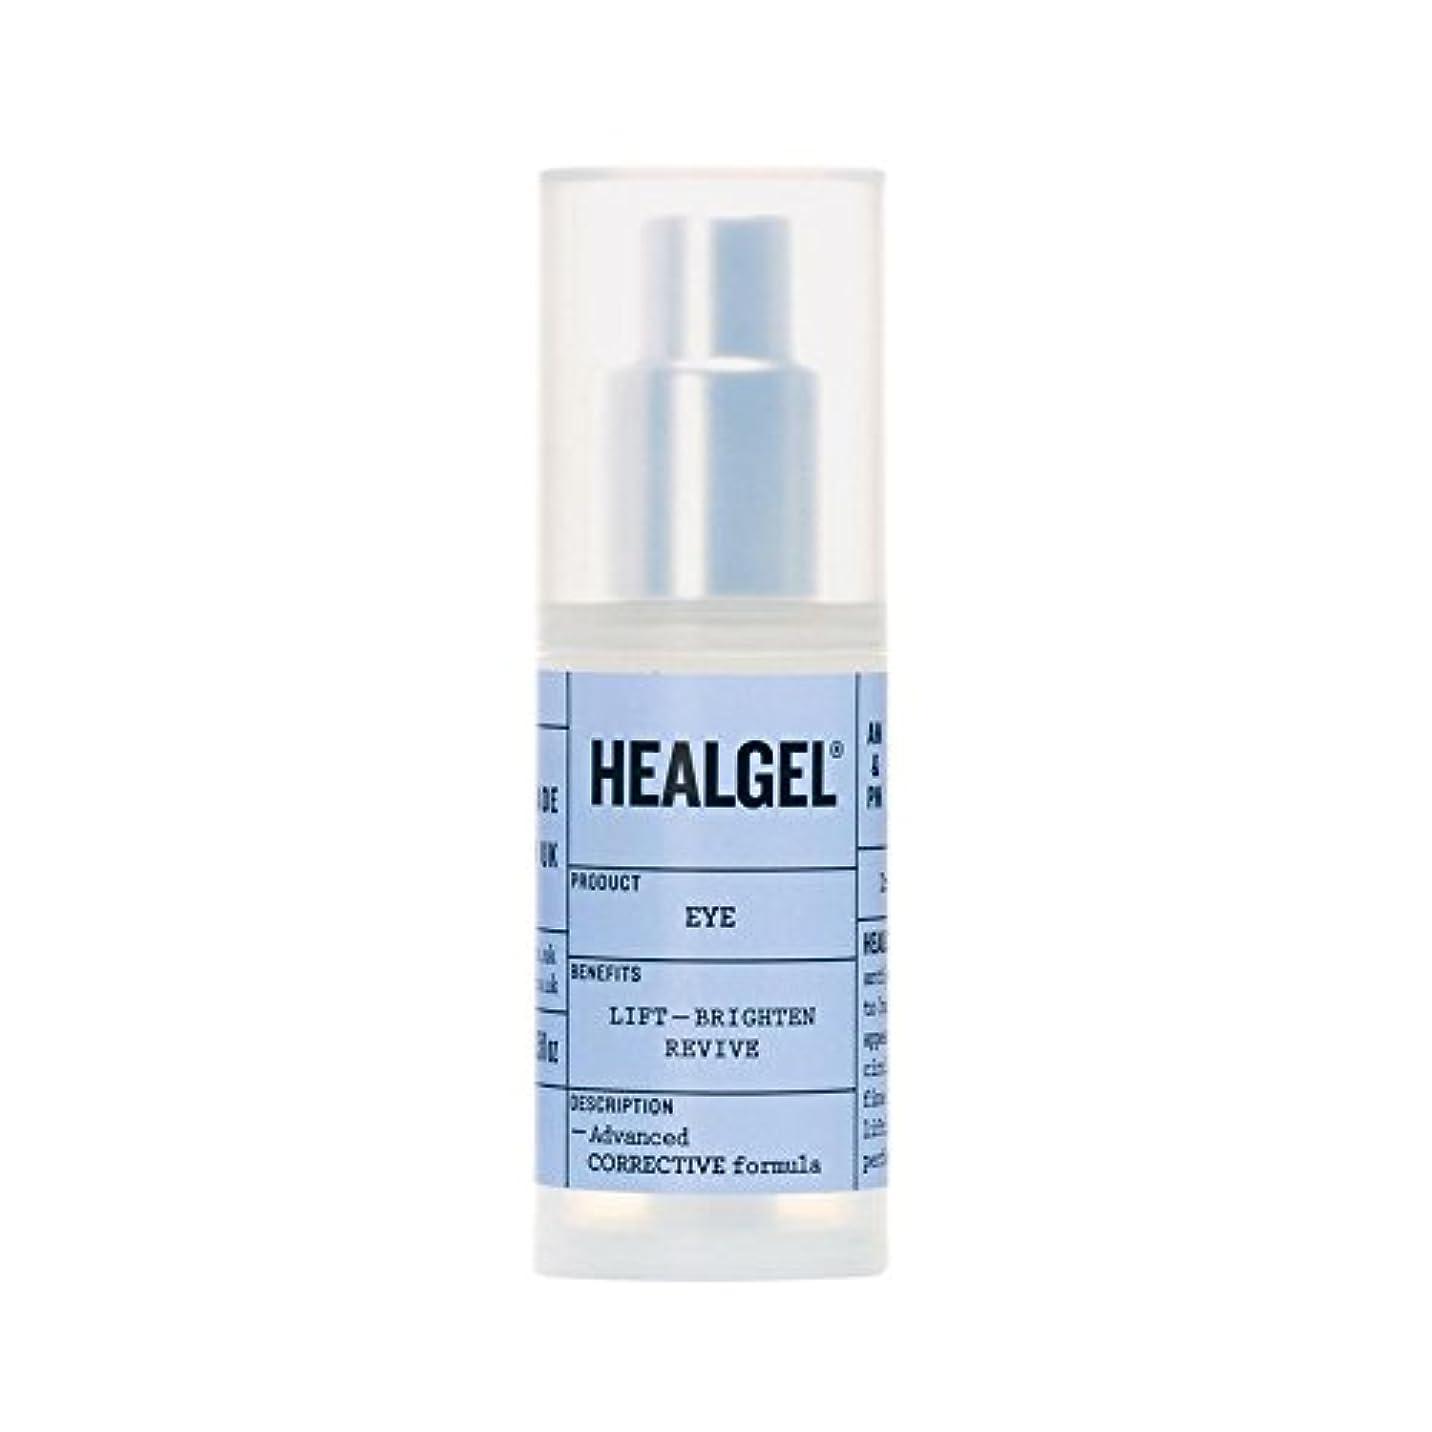 コーチつぼみ申し込むゲル白眼式15ミリリットルを癒します x4 - Heal Gel Brightening Eye Formula 15ml (Pack of 4) [並行輸入品]